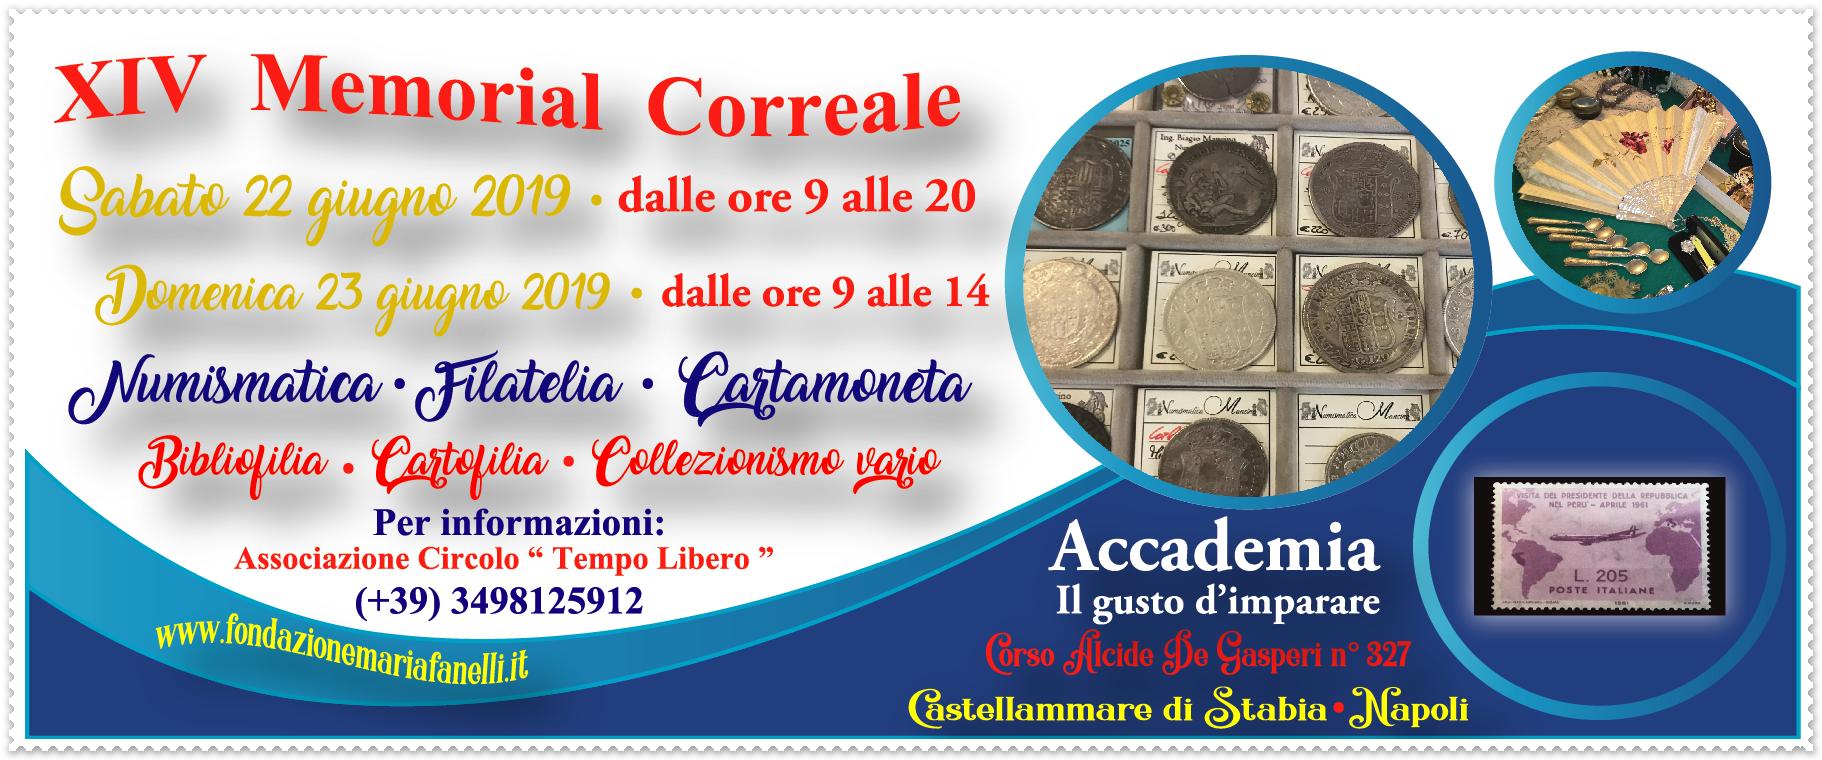 Collezionismo: XIV Memorial Correale – 22/23 Giugno 2019 Flyer-XIV-Memorial-Correale